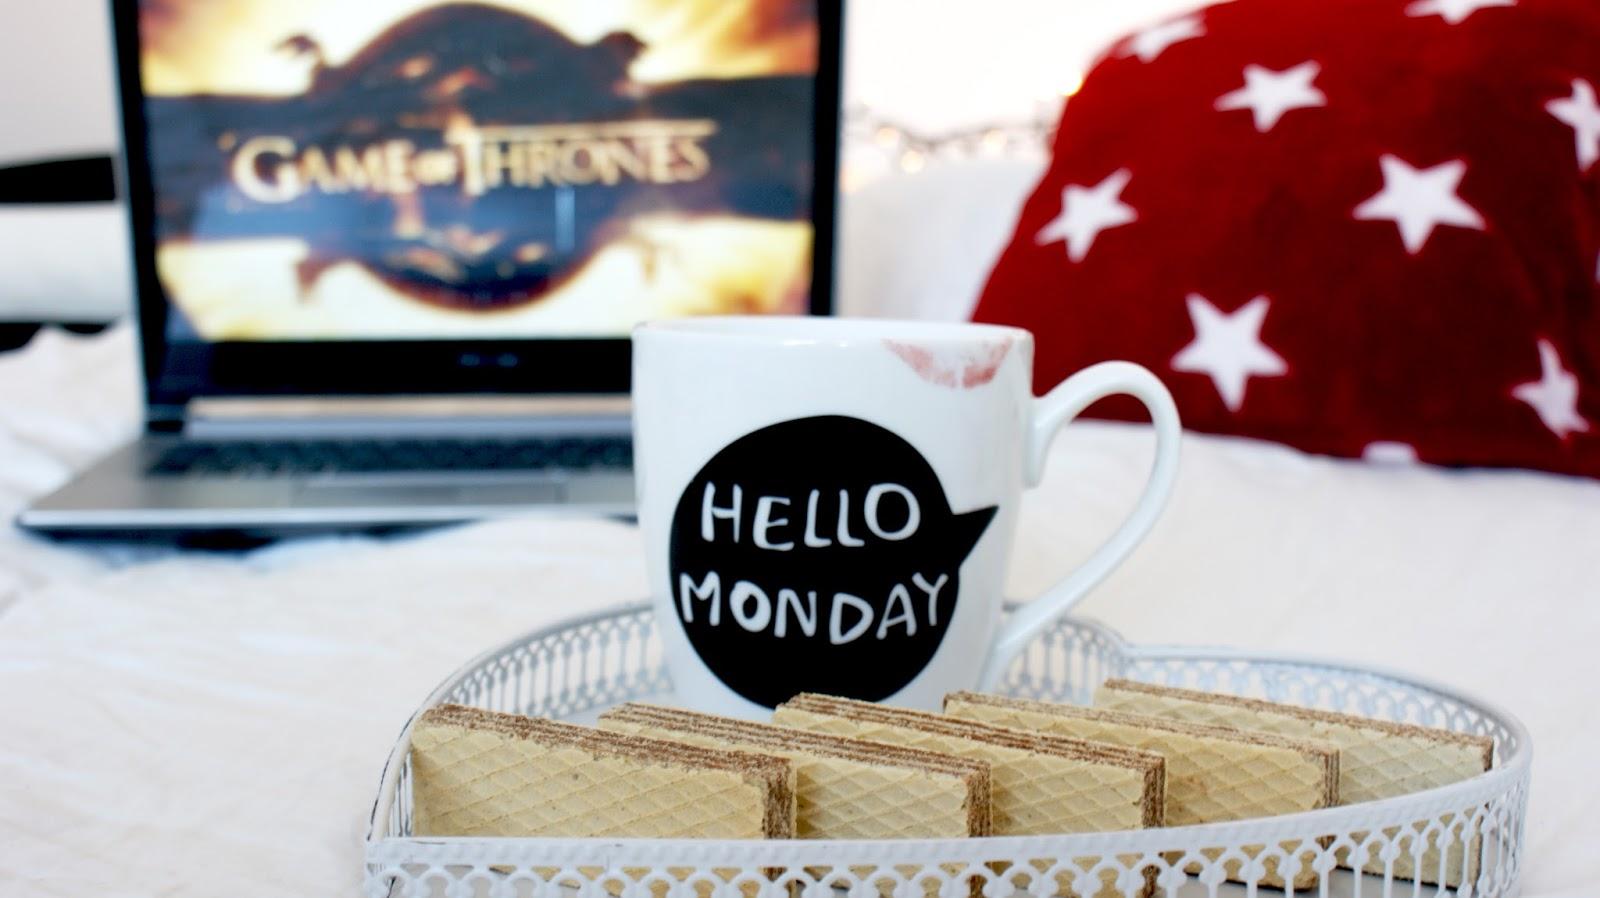 Gra o tron, Game od Thrones, fotografia, zasady oglądania, seriale, series, ciastka, kubek Primark, Hello Monday, lazy day, uzależnienie, ciastka, słodycze